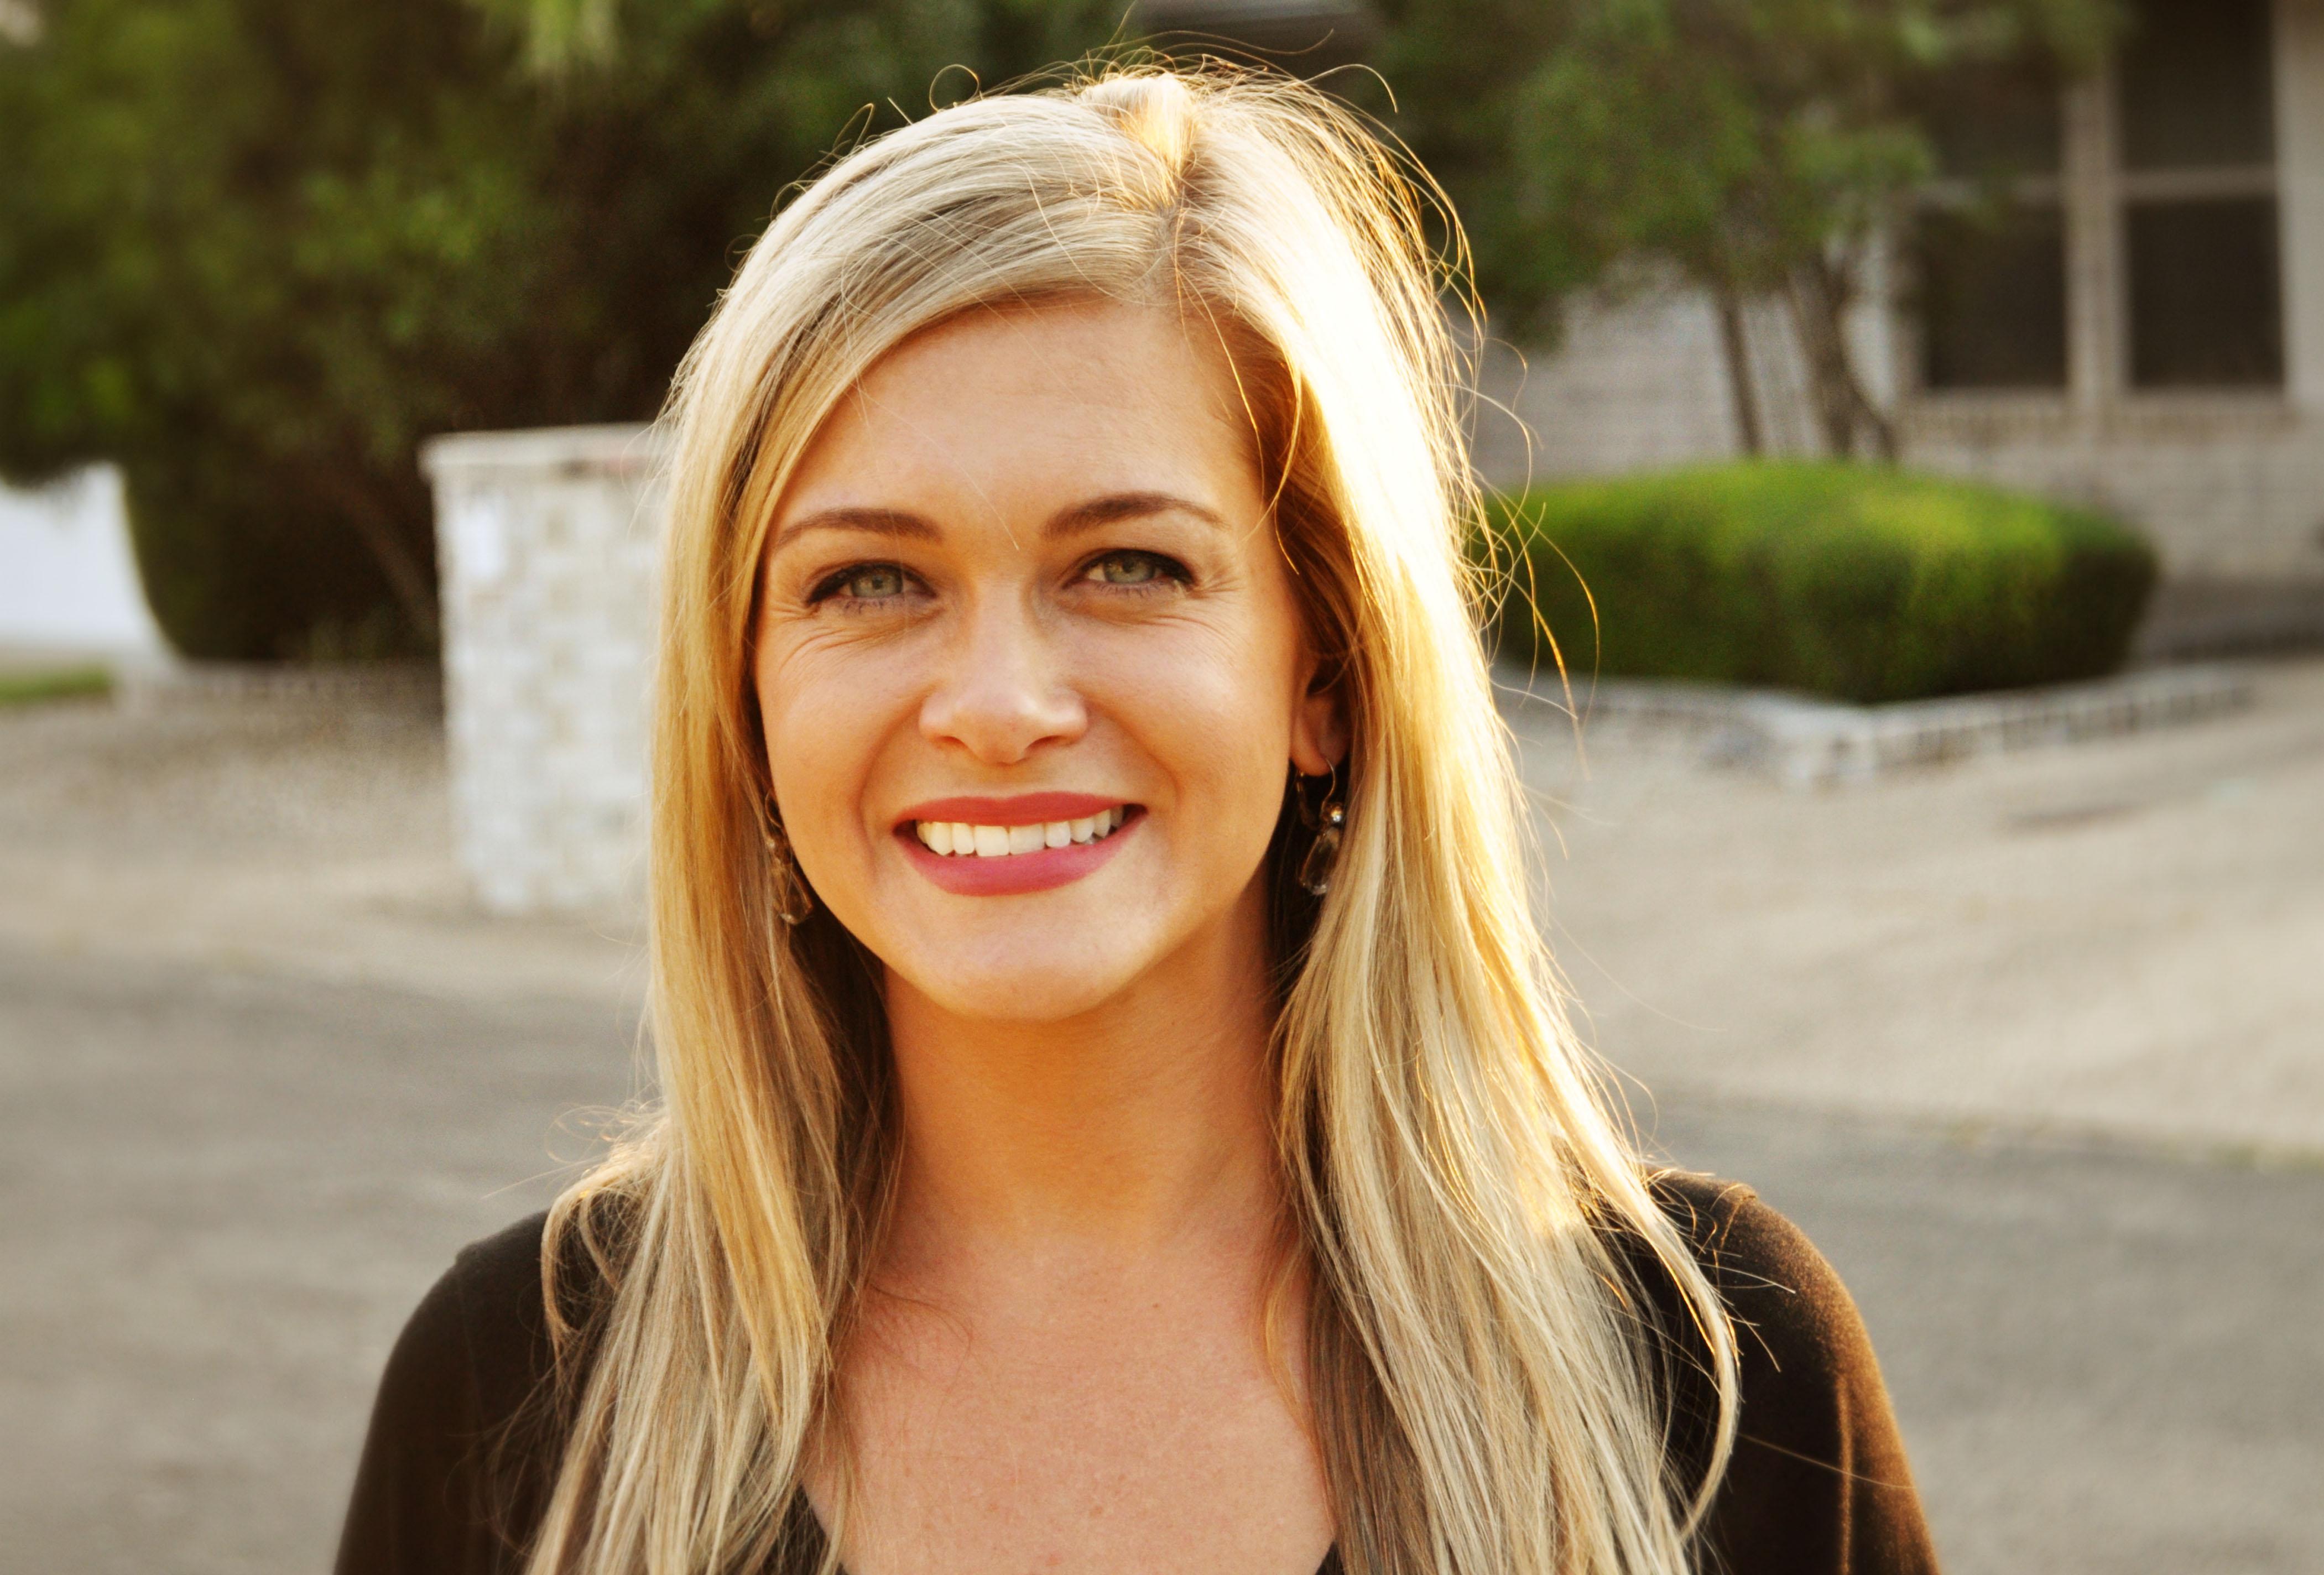 Jaylynn Perkins